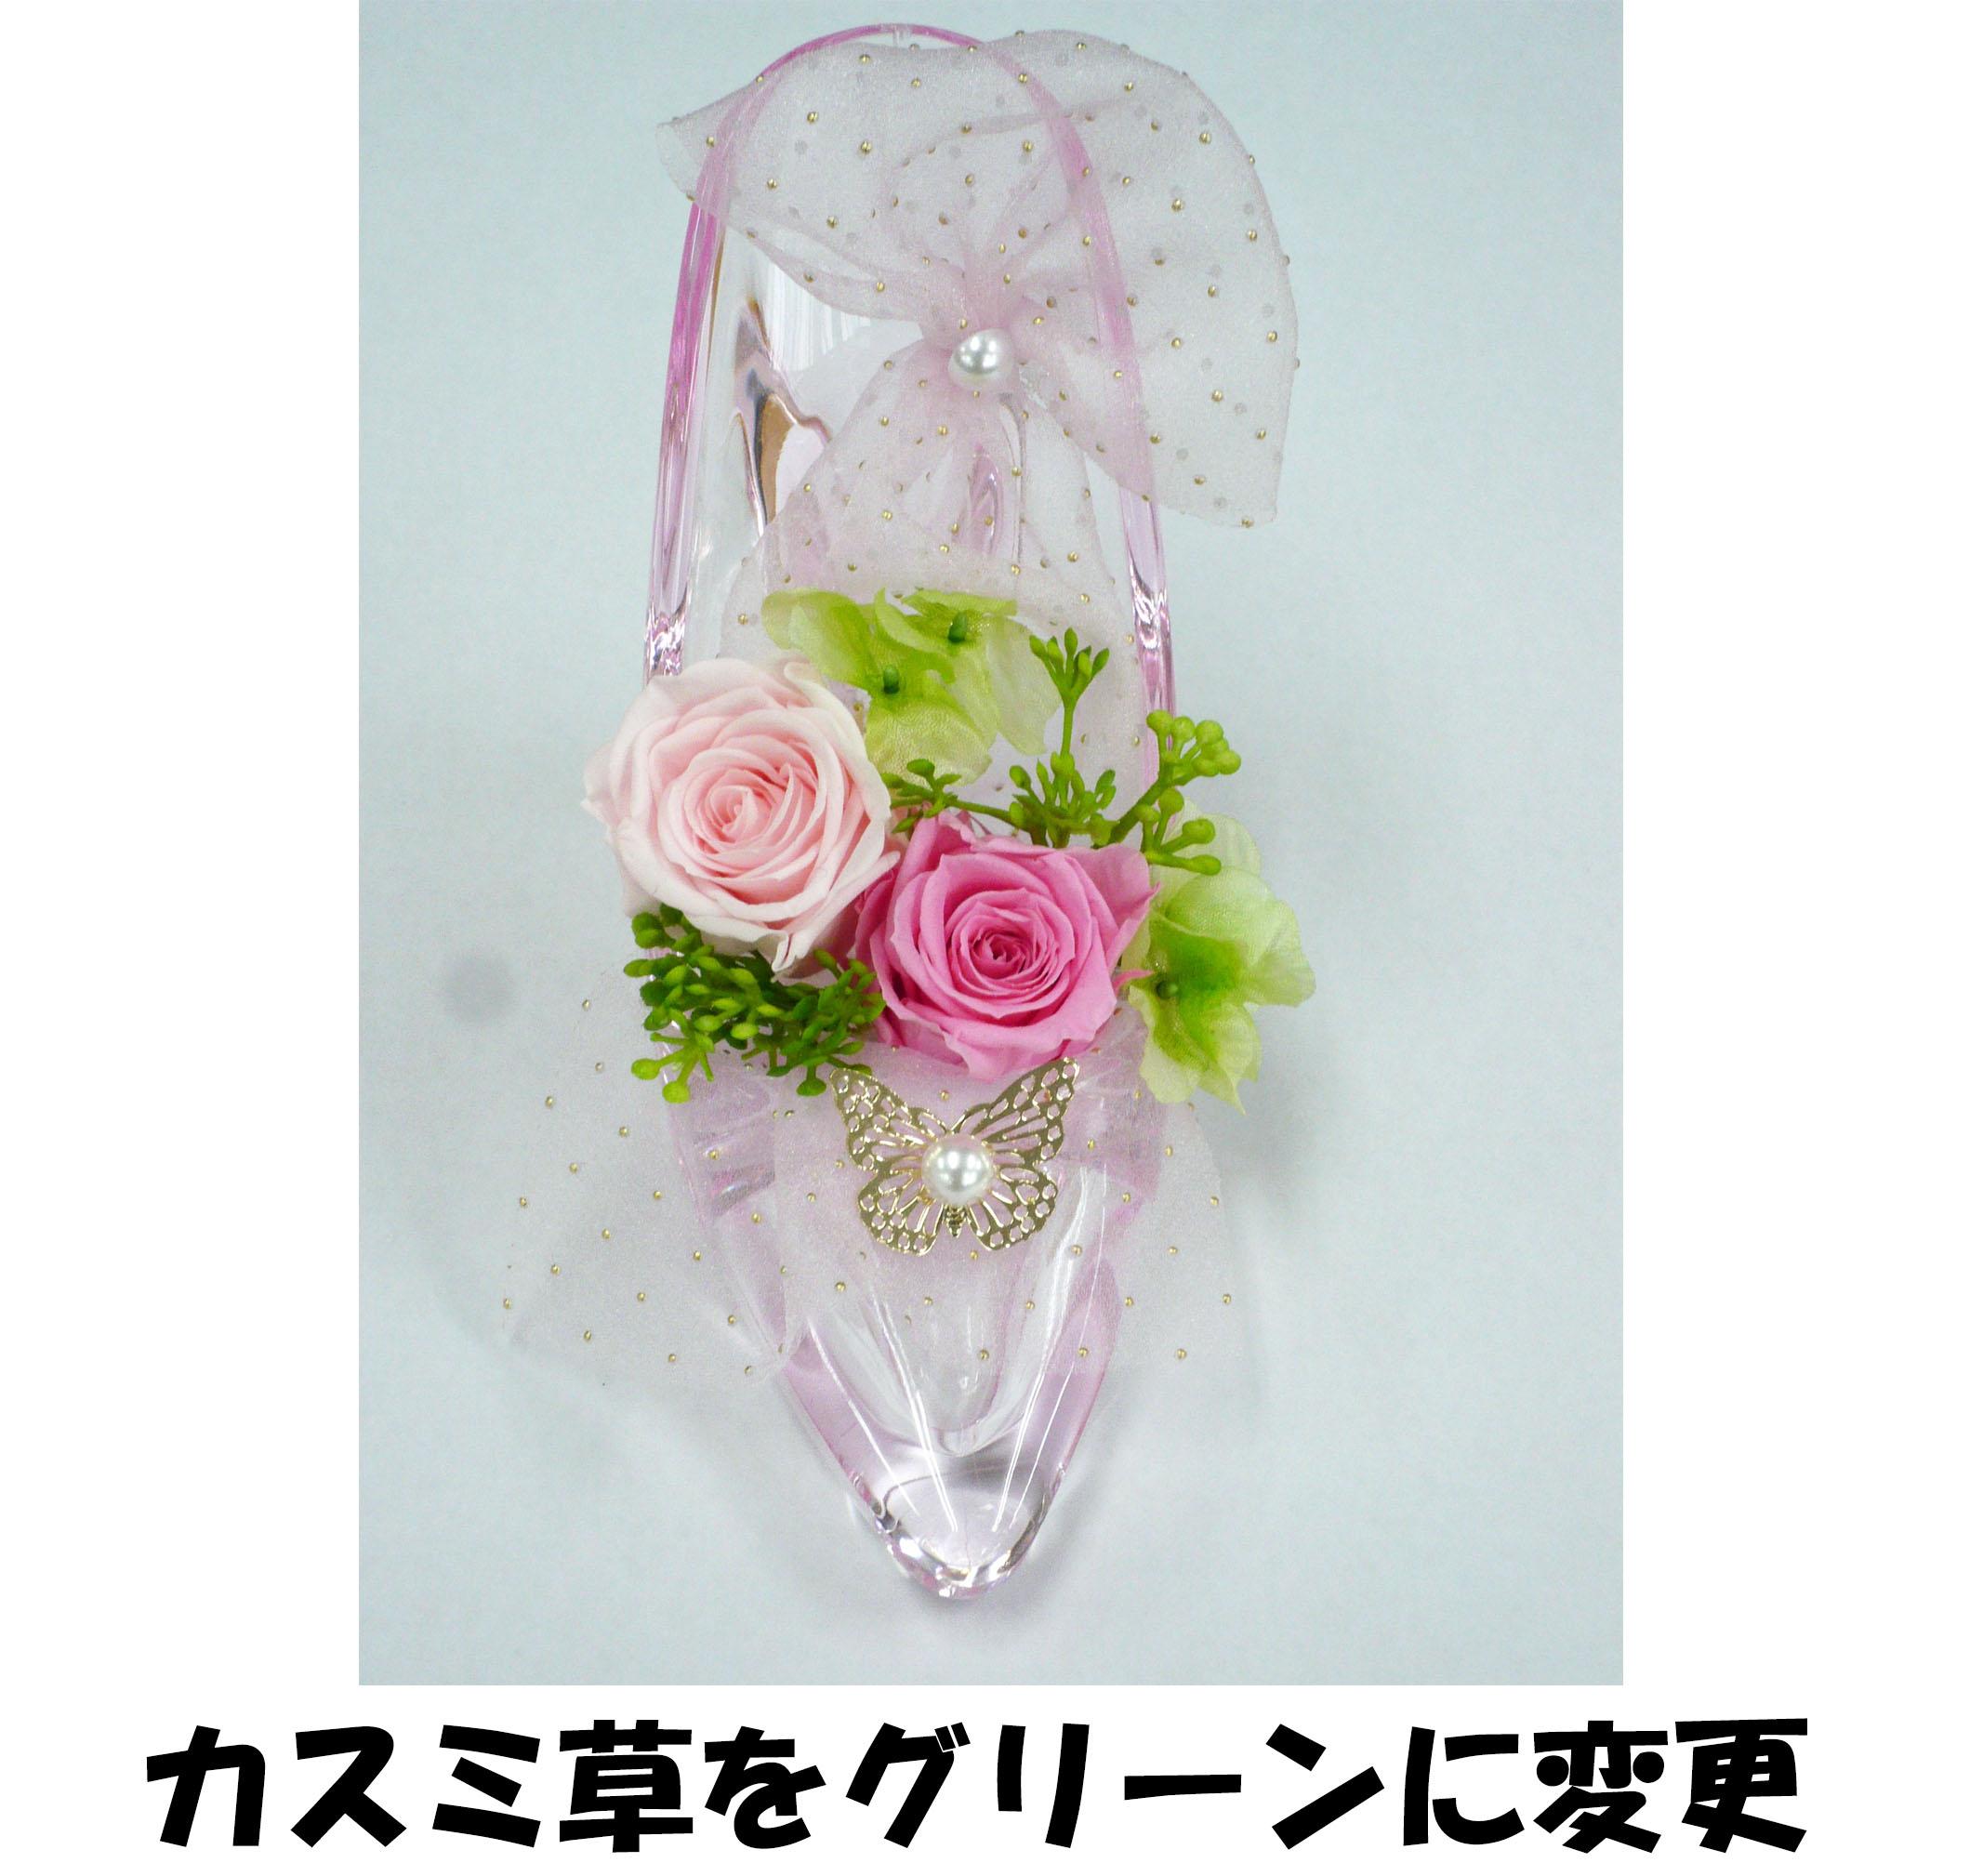 http://www.mille-art.jp/blog/PZ827PP.jpg